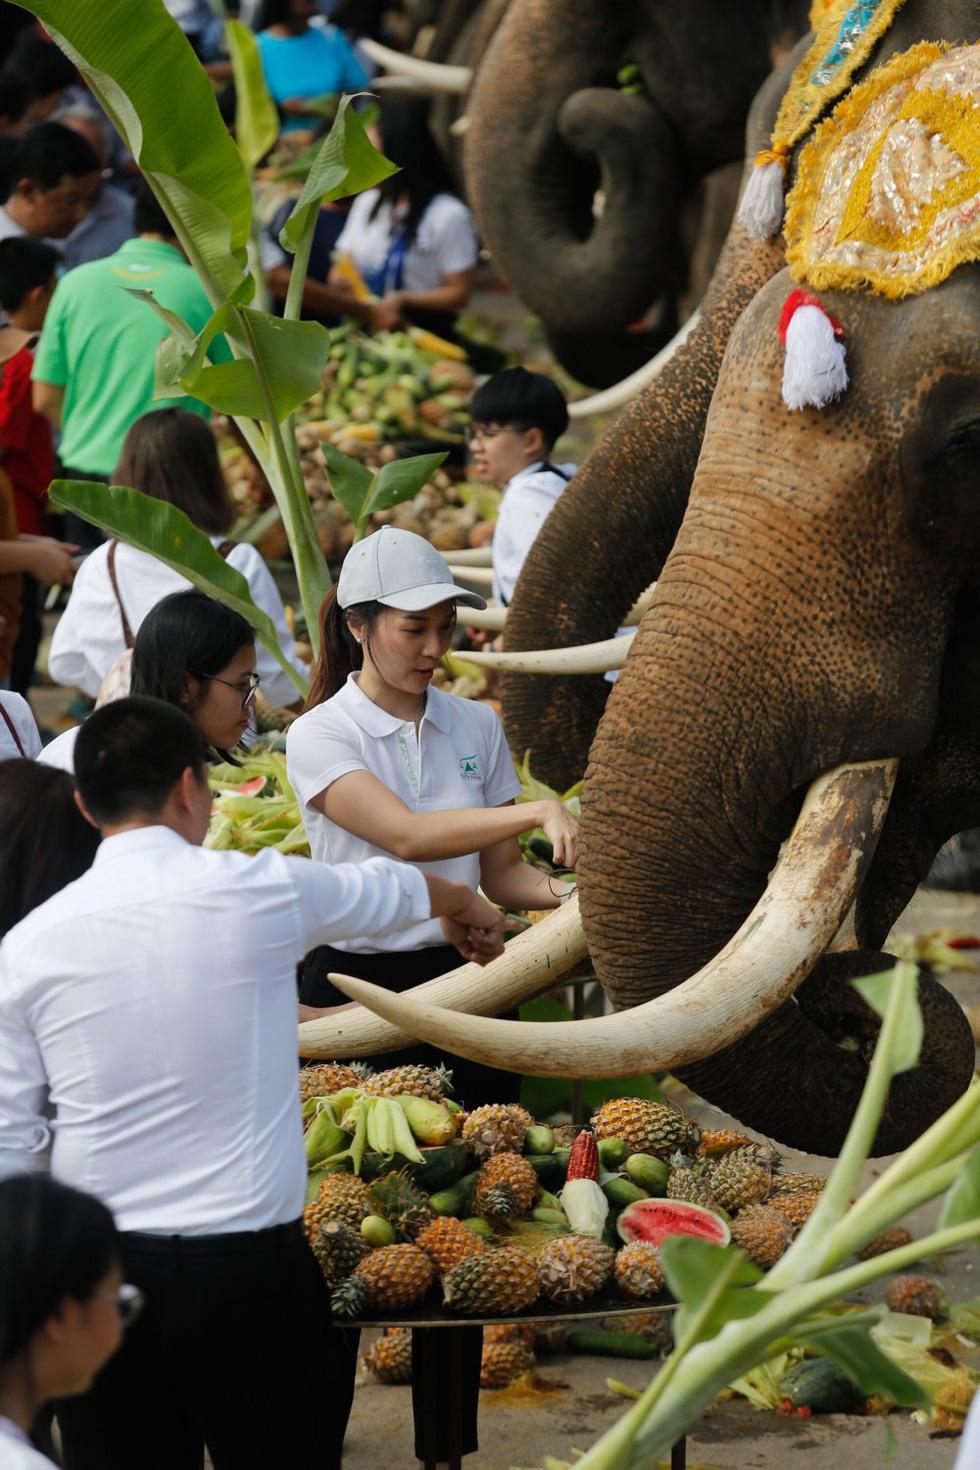 Ngày voi quốc gia Thái Lan: tắm, chơi và ăn rau quả - Ảnh 9.